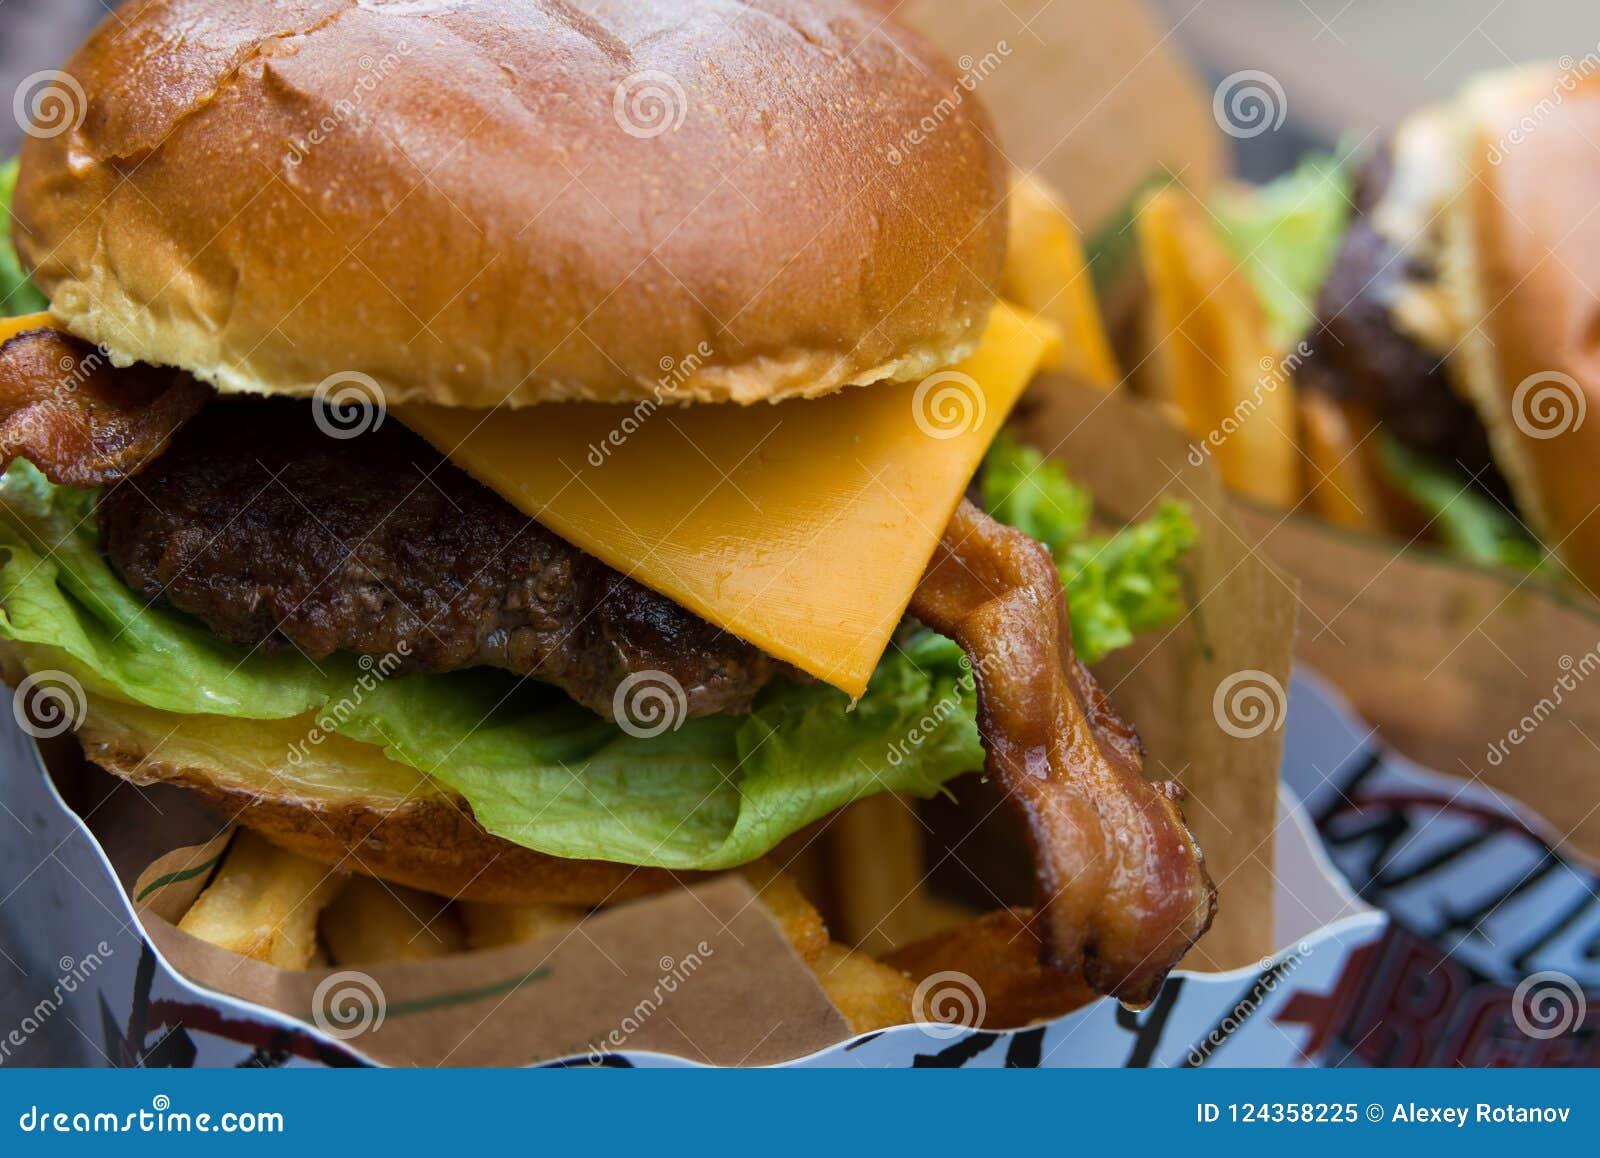 Fim fresco delicioso do hamburguer acima Foco seletivo com profundidade de campo rasa